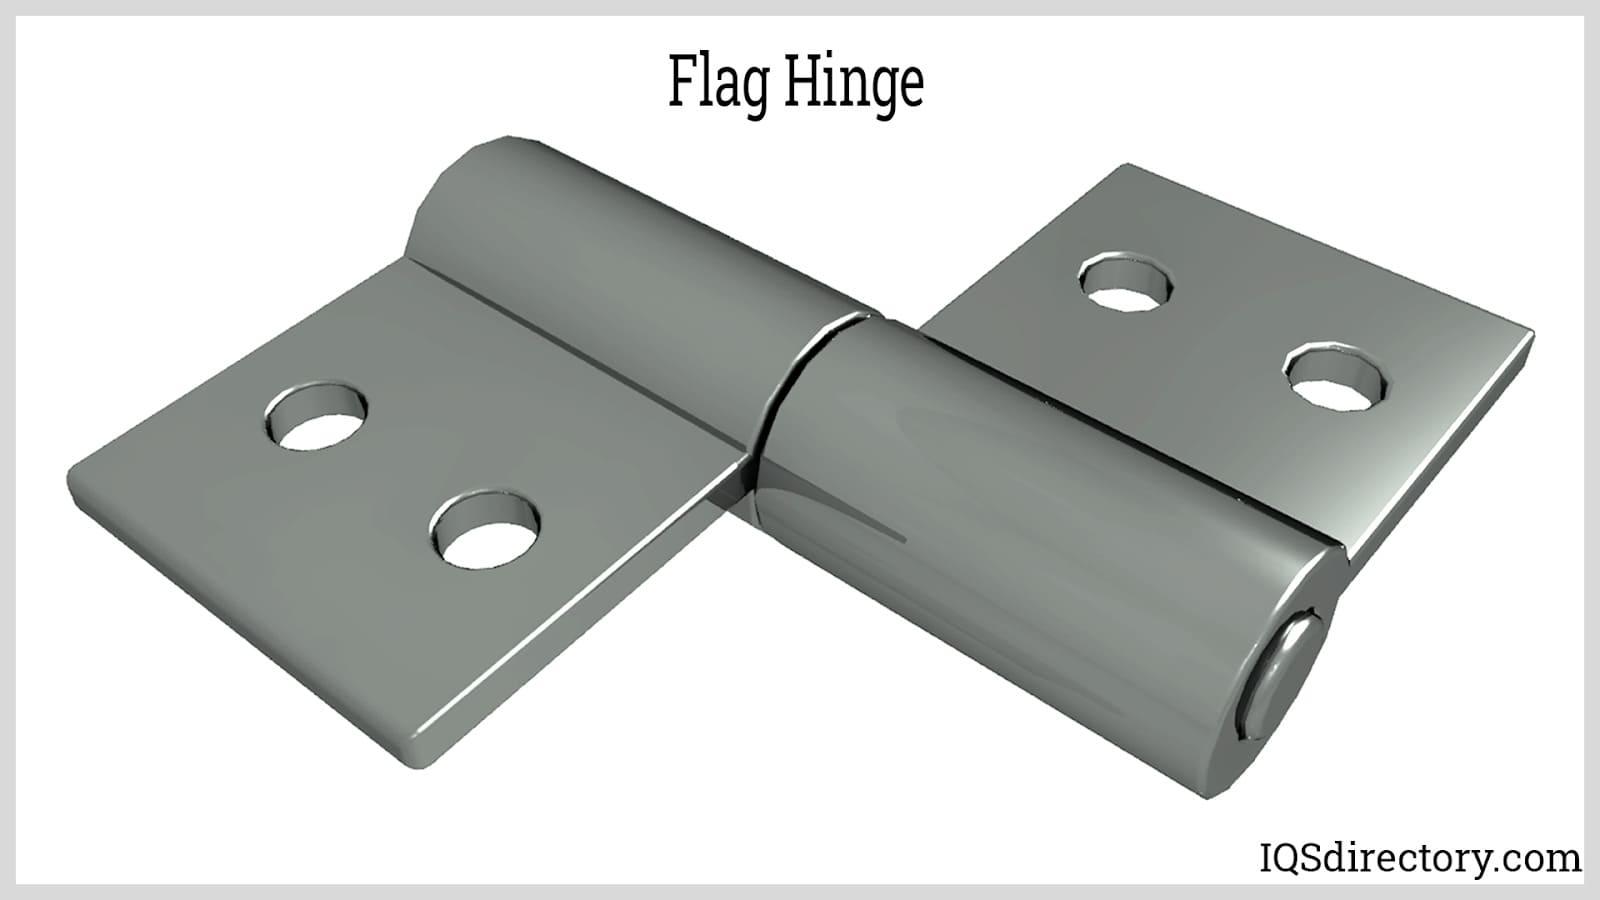 Flag Hinge